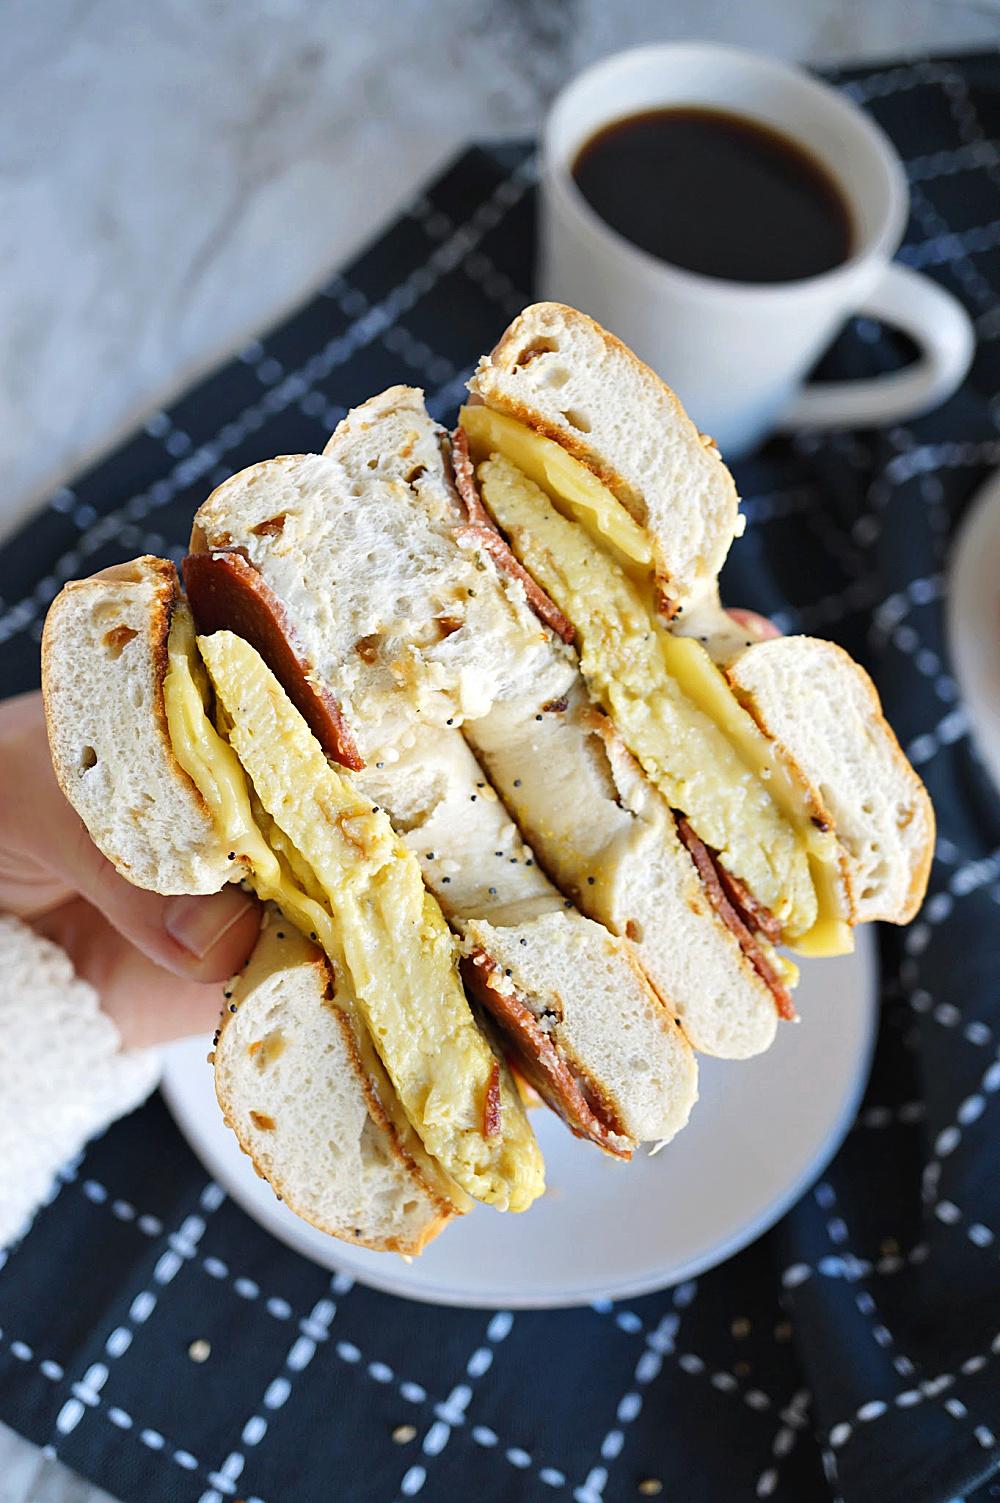 breakfast bagel sandwich cut in half